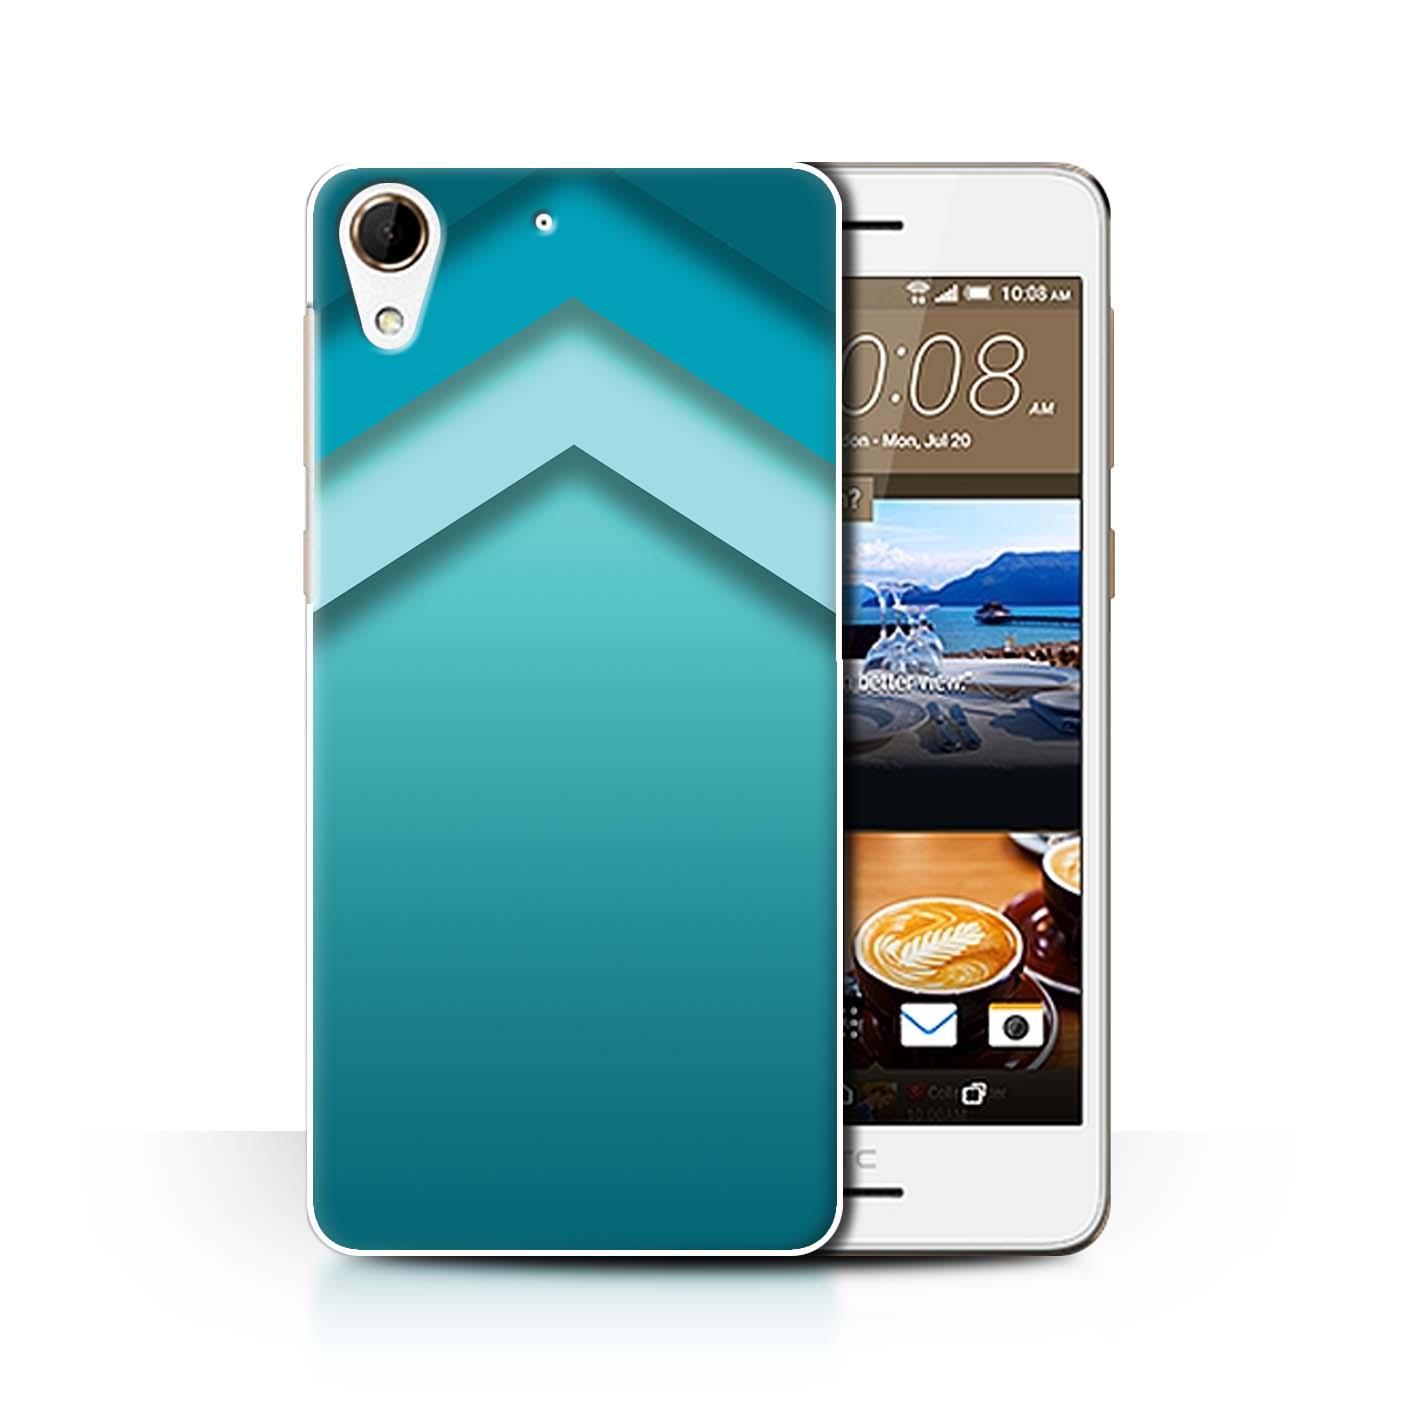 Coque-Etui-Housse-de-Stuff4-pour-HTC-Desire-728-Mode-Sarcelle